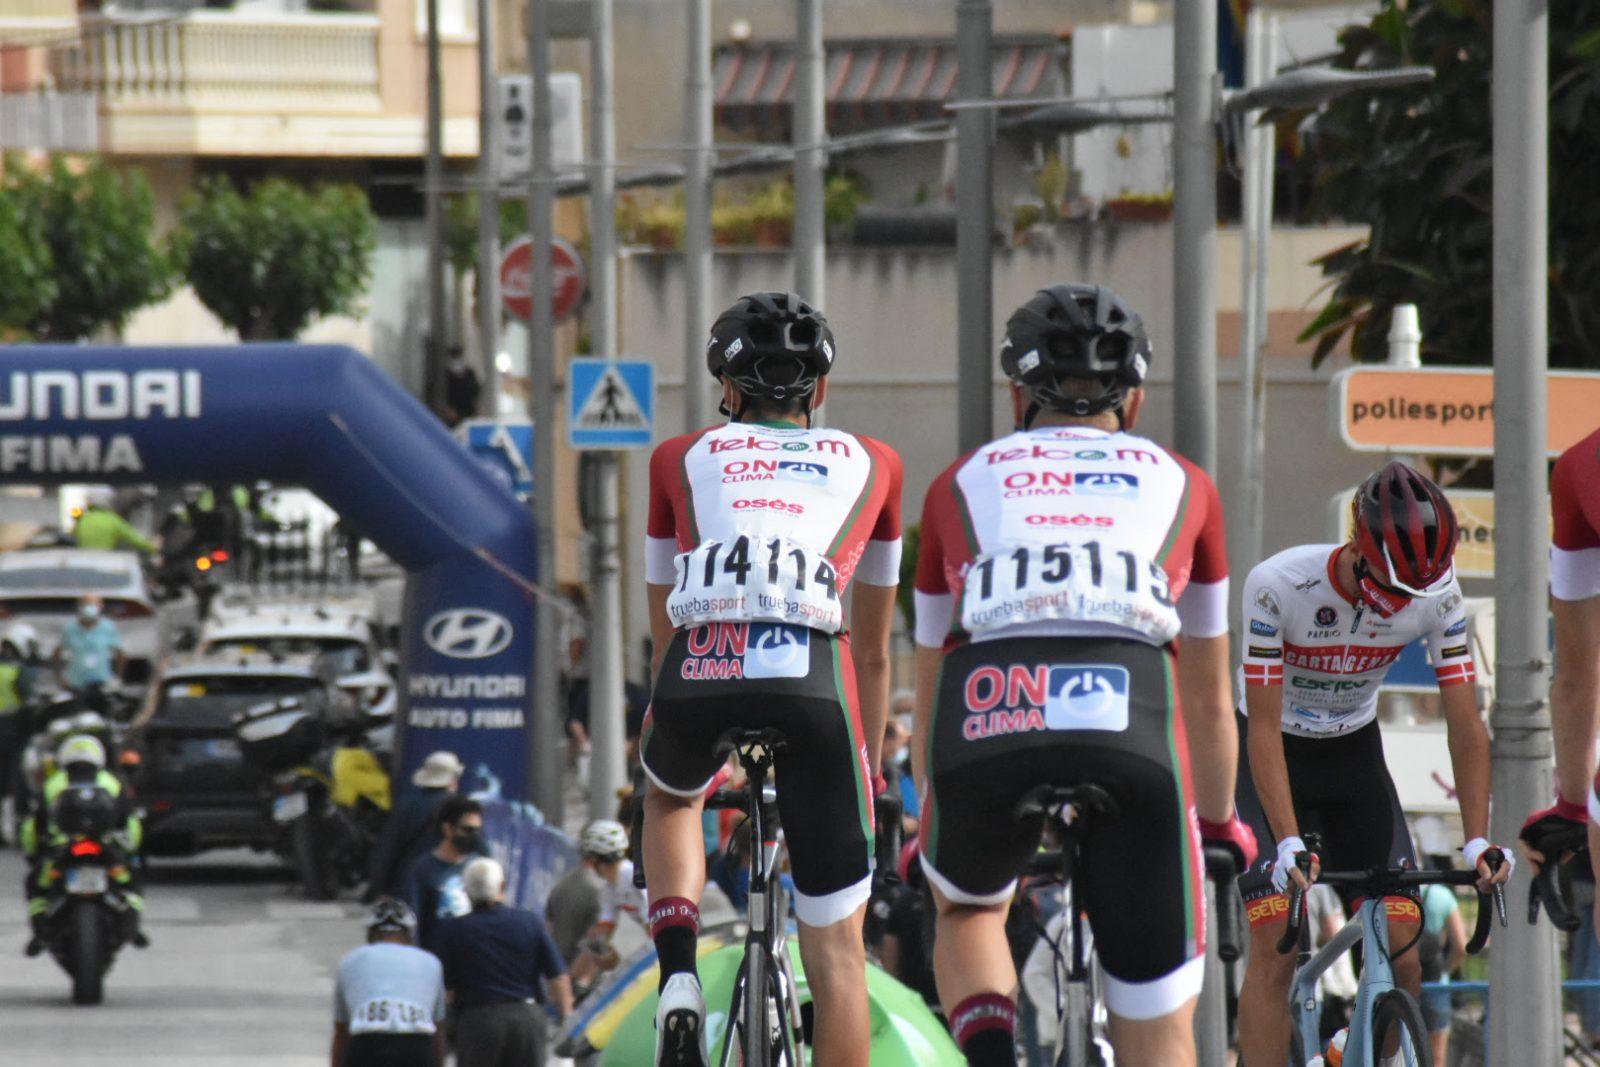 Telco,m On Clima Osés Vuelta Alicante